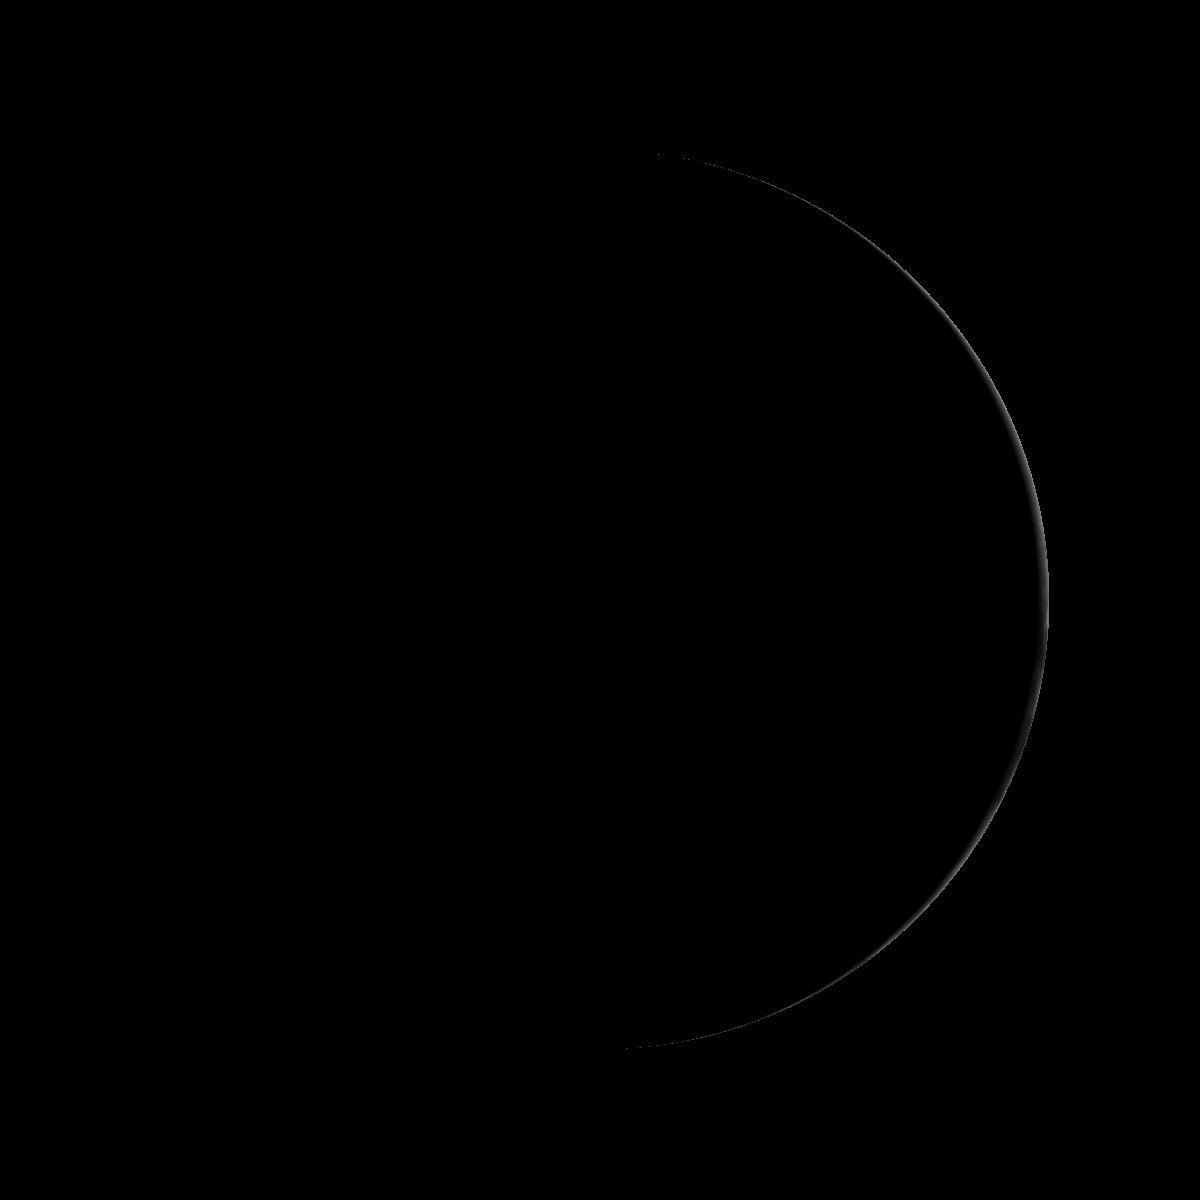 Lune du 26 janvier 2020